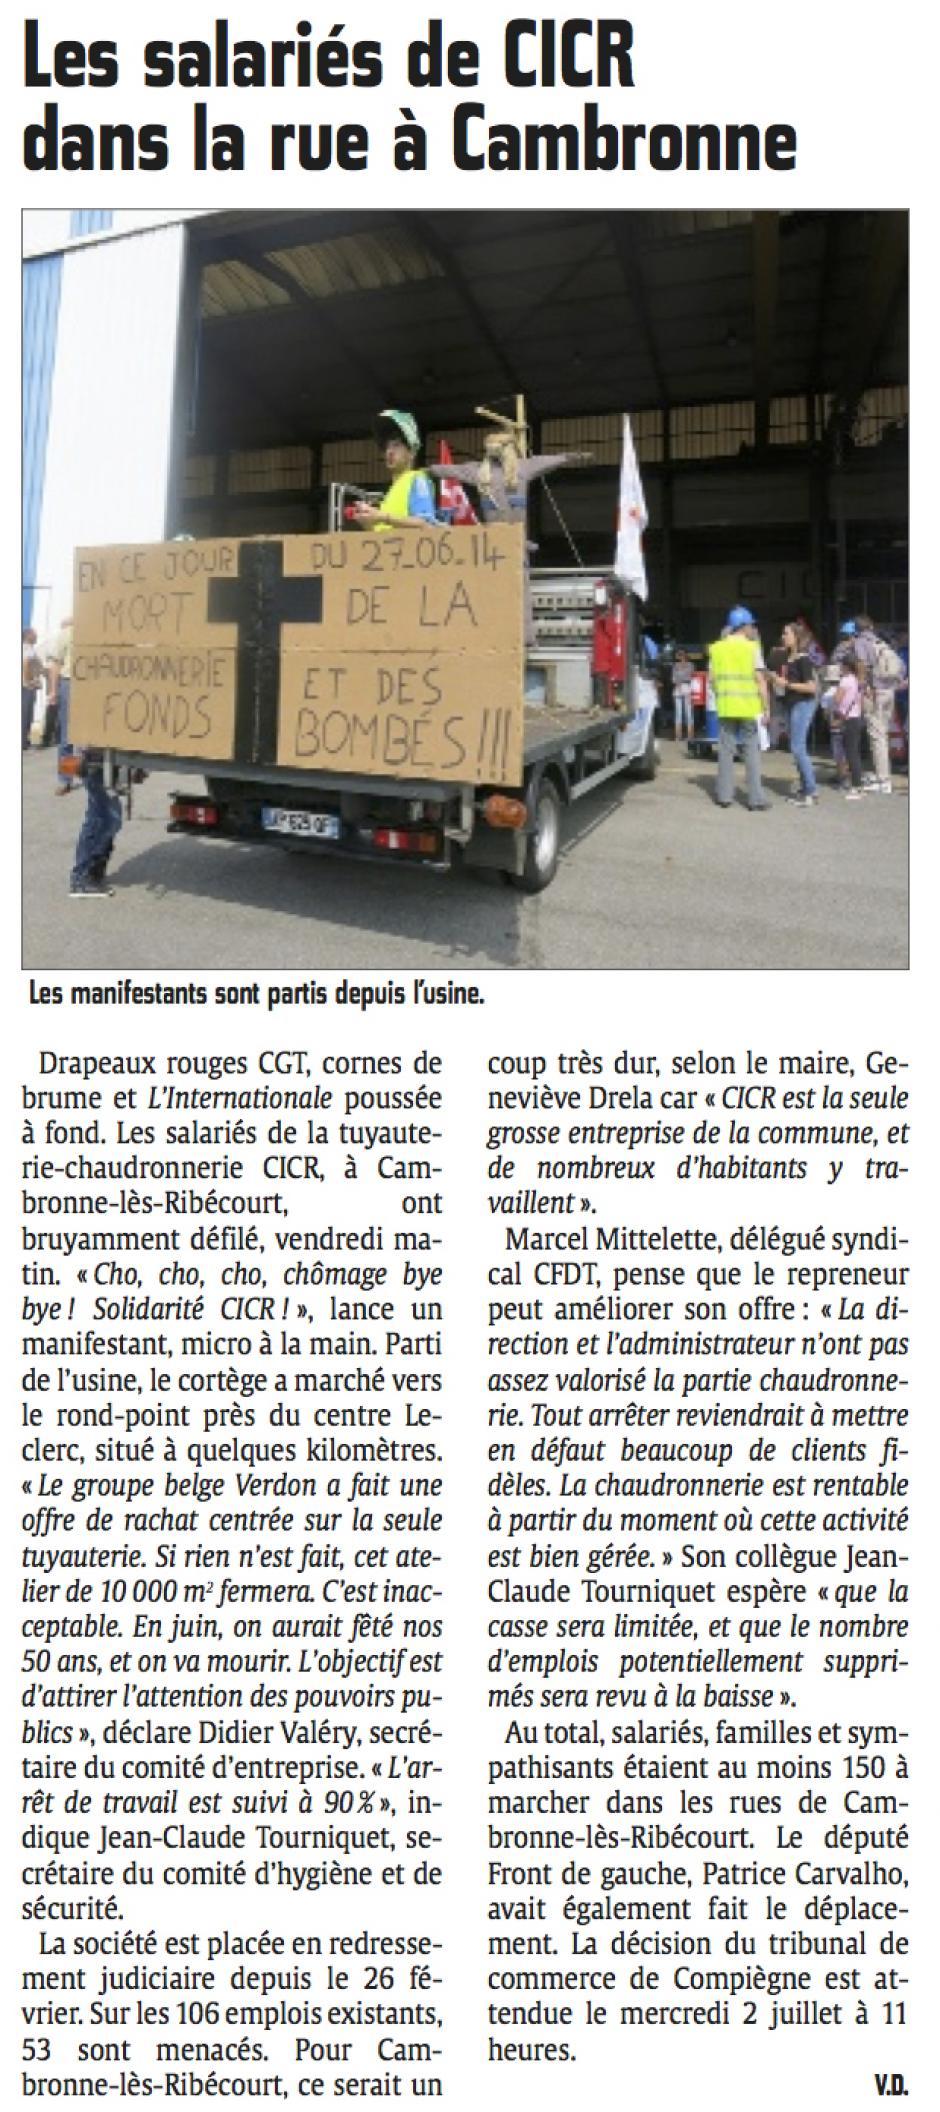 20140628-CP-Cambronne-lès-Ribécourt-Les salariés de CICR dans la rue de la ville